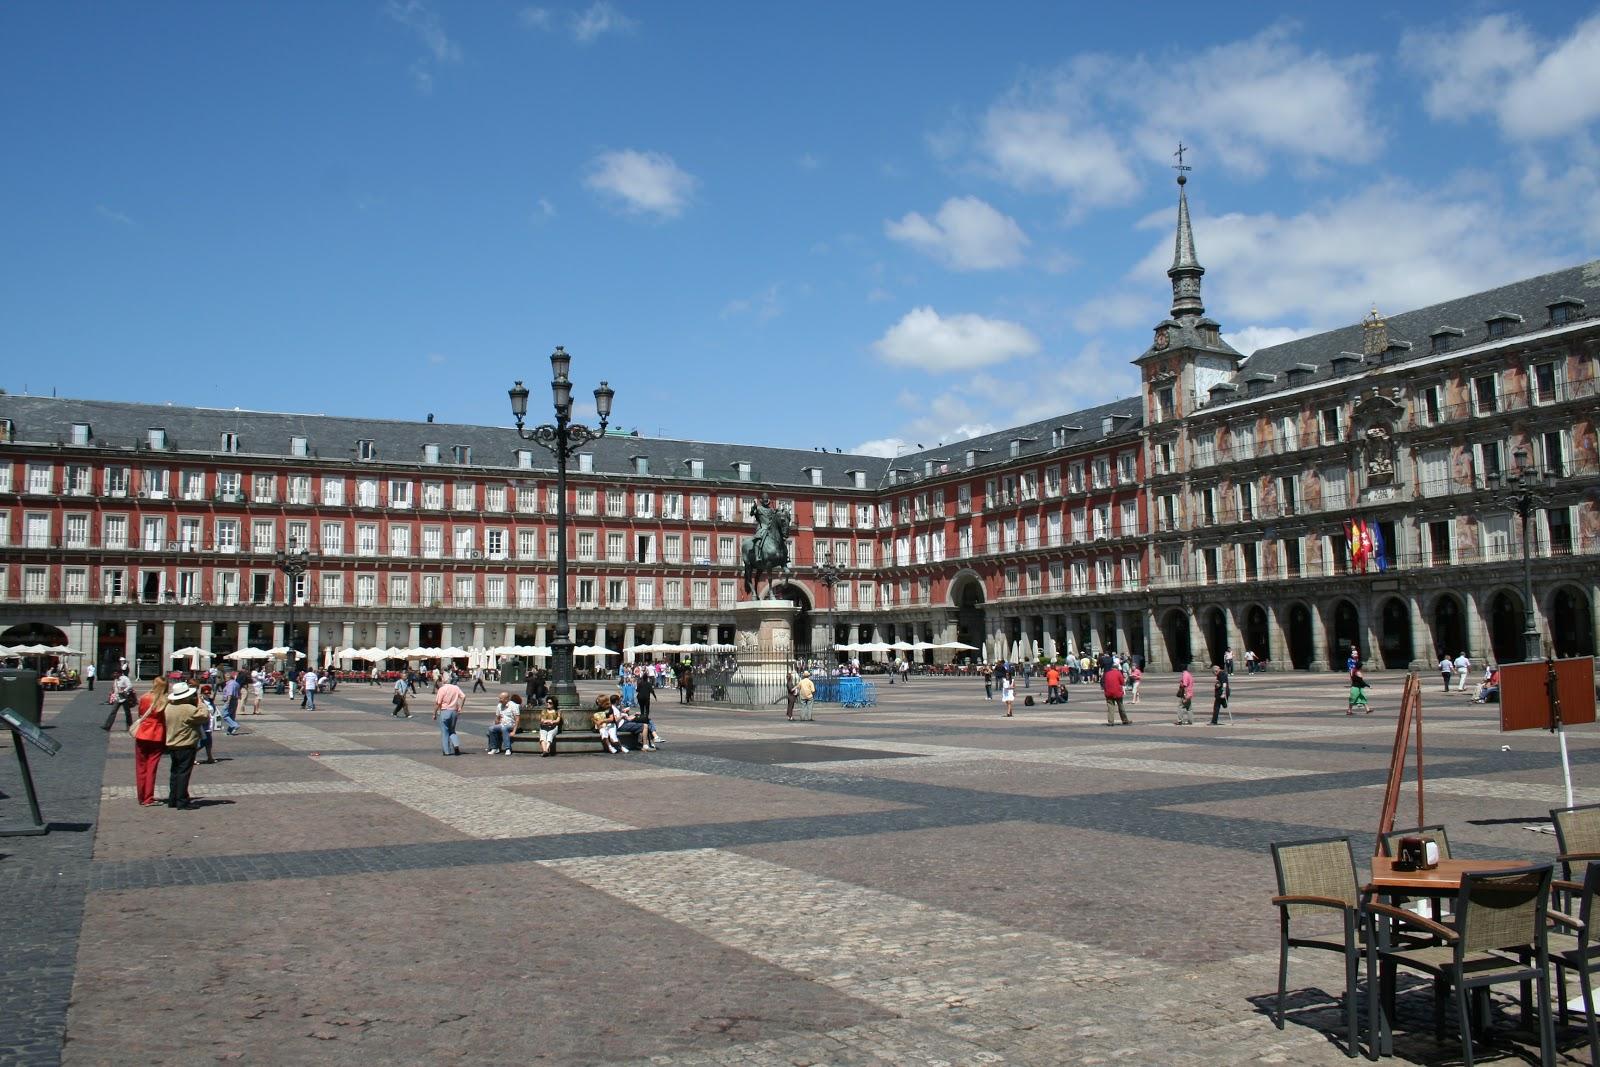 7169ae7701353 Bu sokaklardan batıya doğru çıkanı izlerseniz, Plaza de San Miguel'e  gelirsiniz. Bu meydanın çok fazla özelliği olmamakla beraber buradan geçme  amacımız, ...